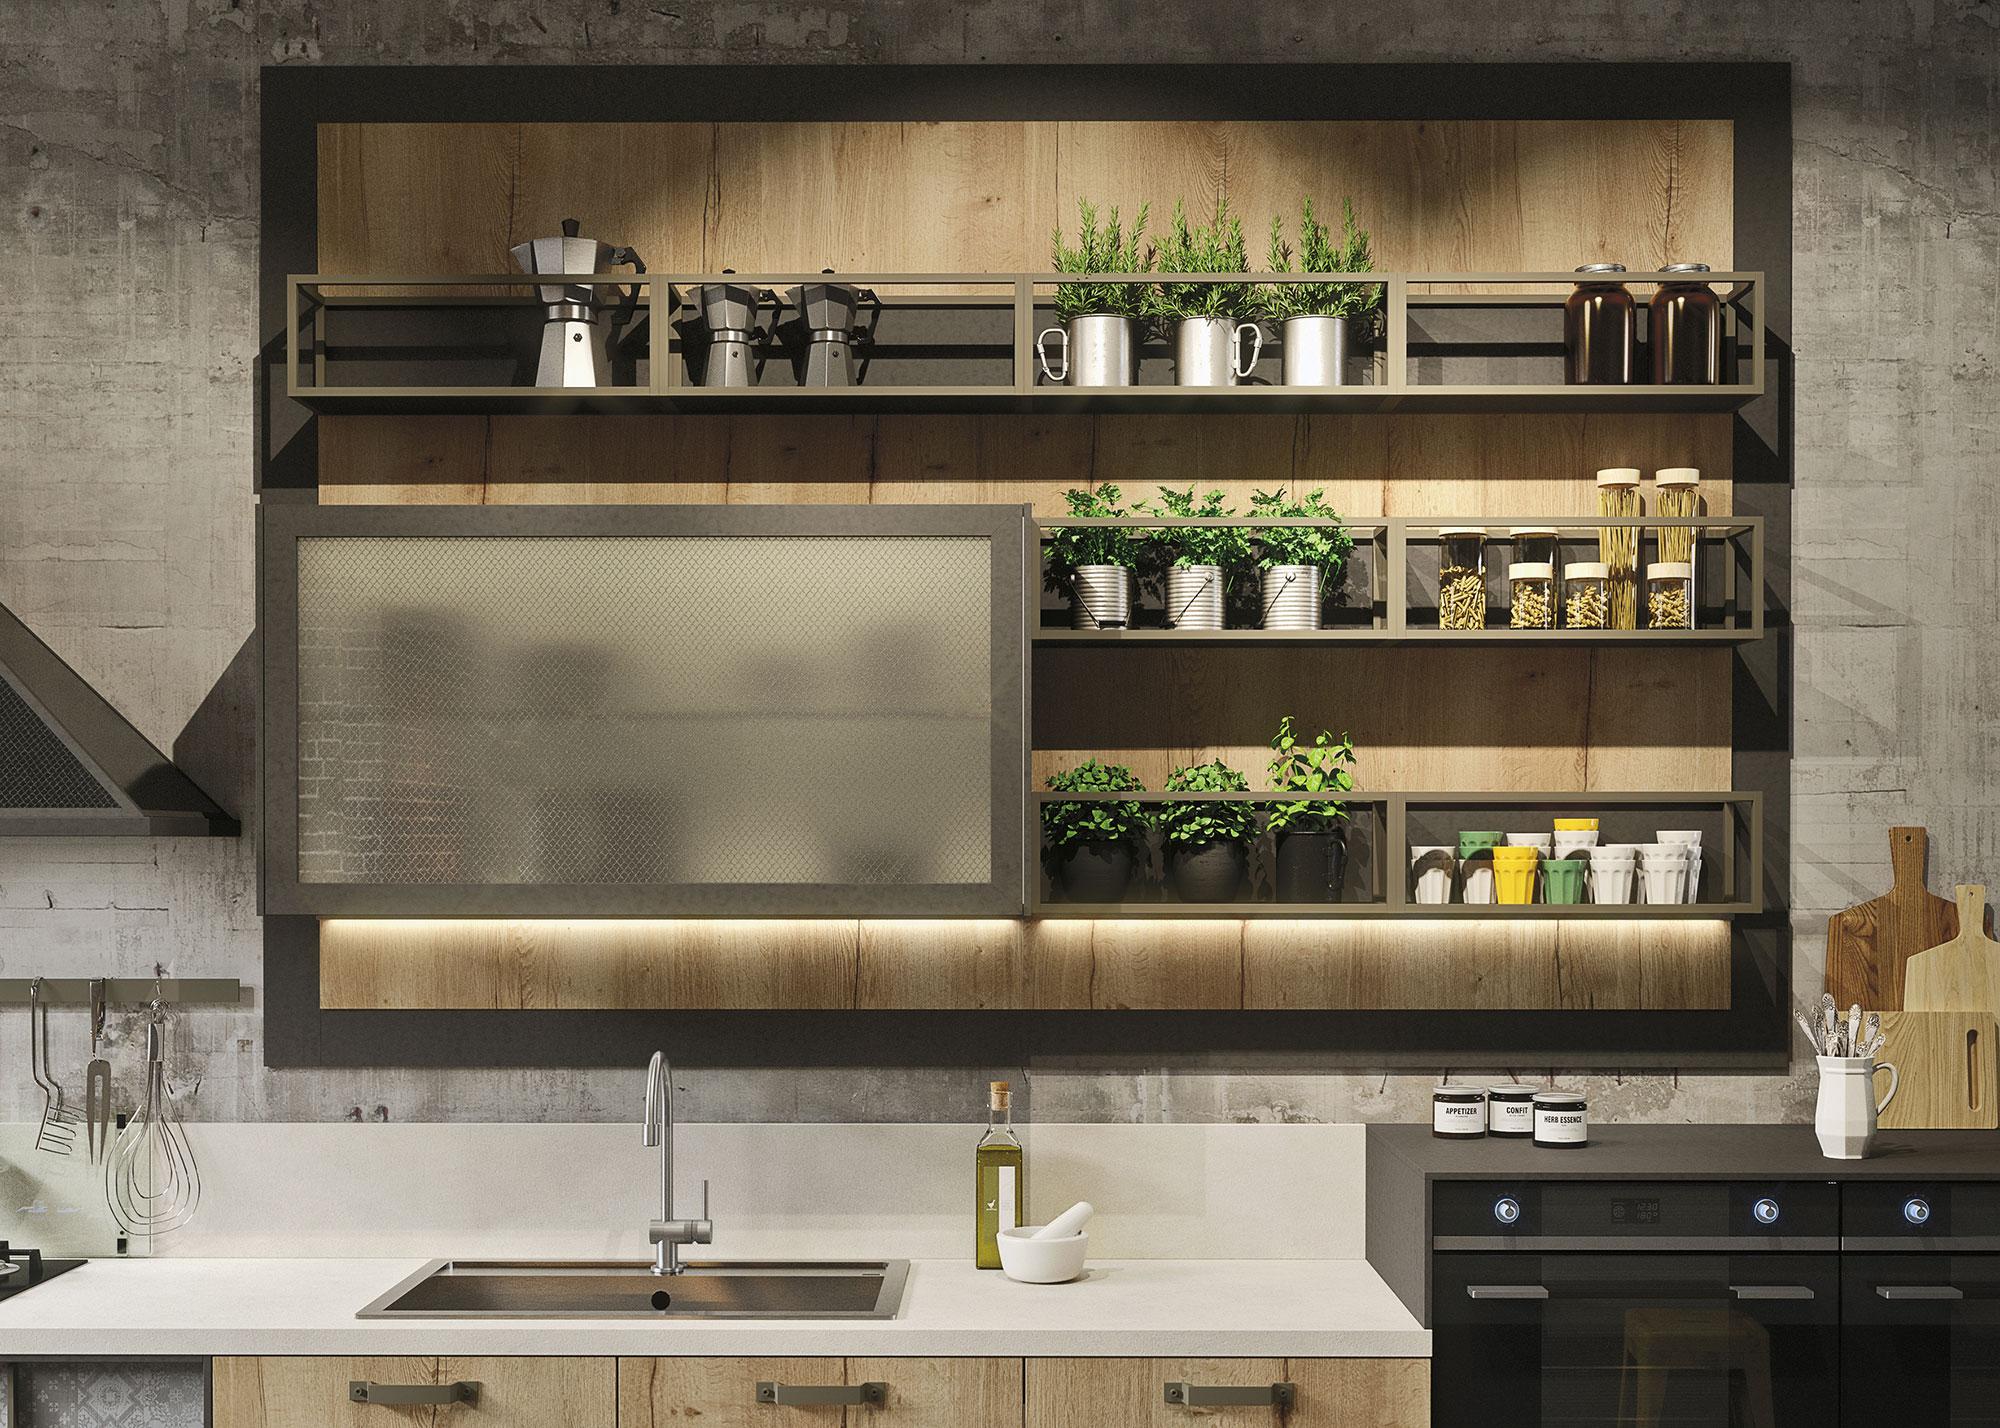 cucine-in-legno-design-loft-snaidero-dettaglio-3